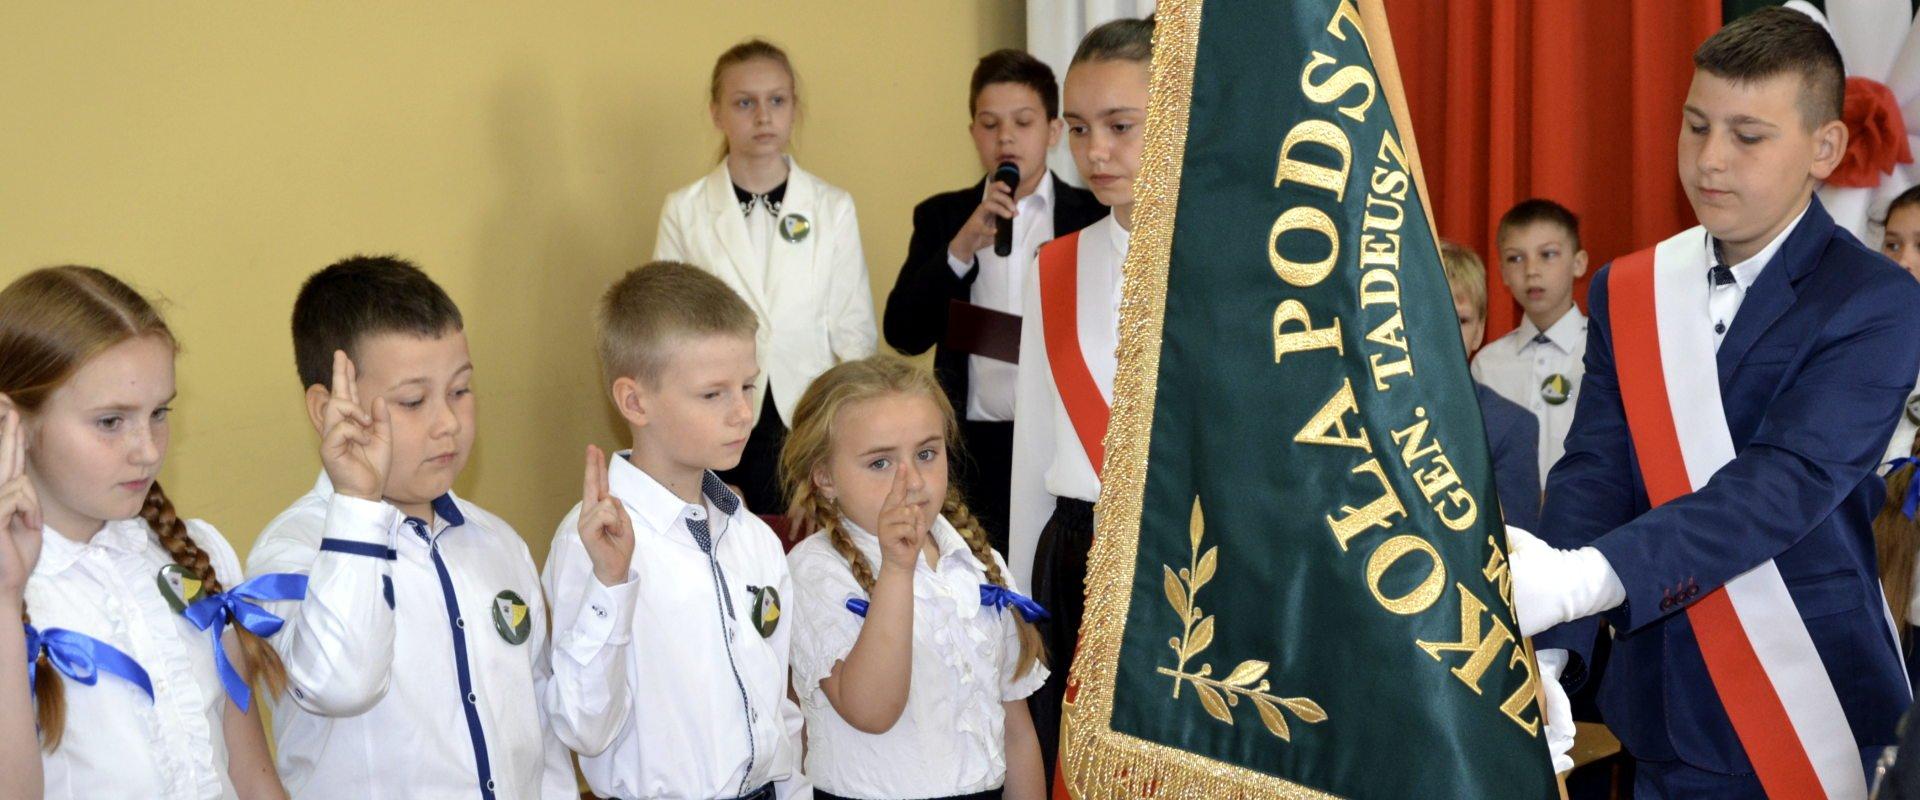 Ślubowanie uczniów SP Bierzwienna przed sztandarem szkoły